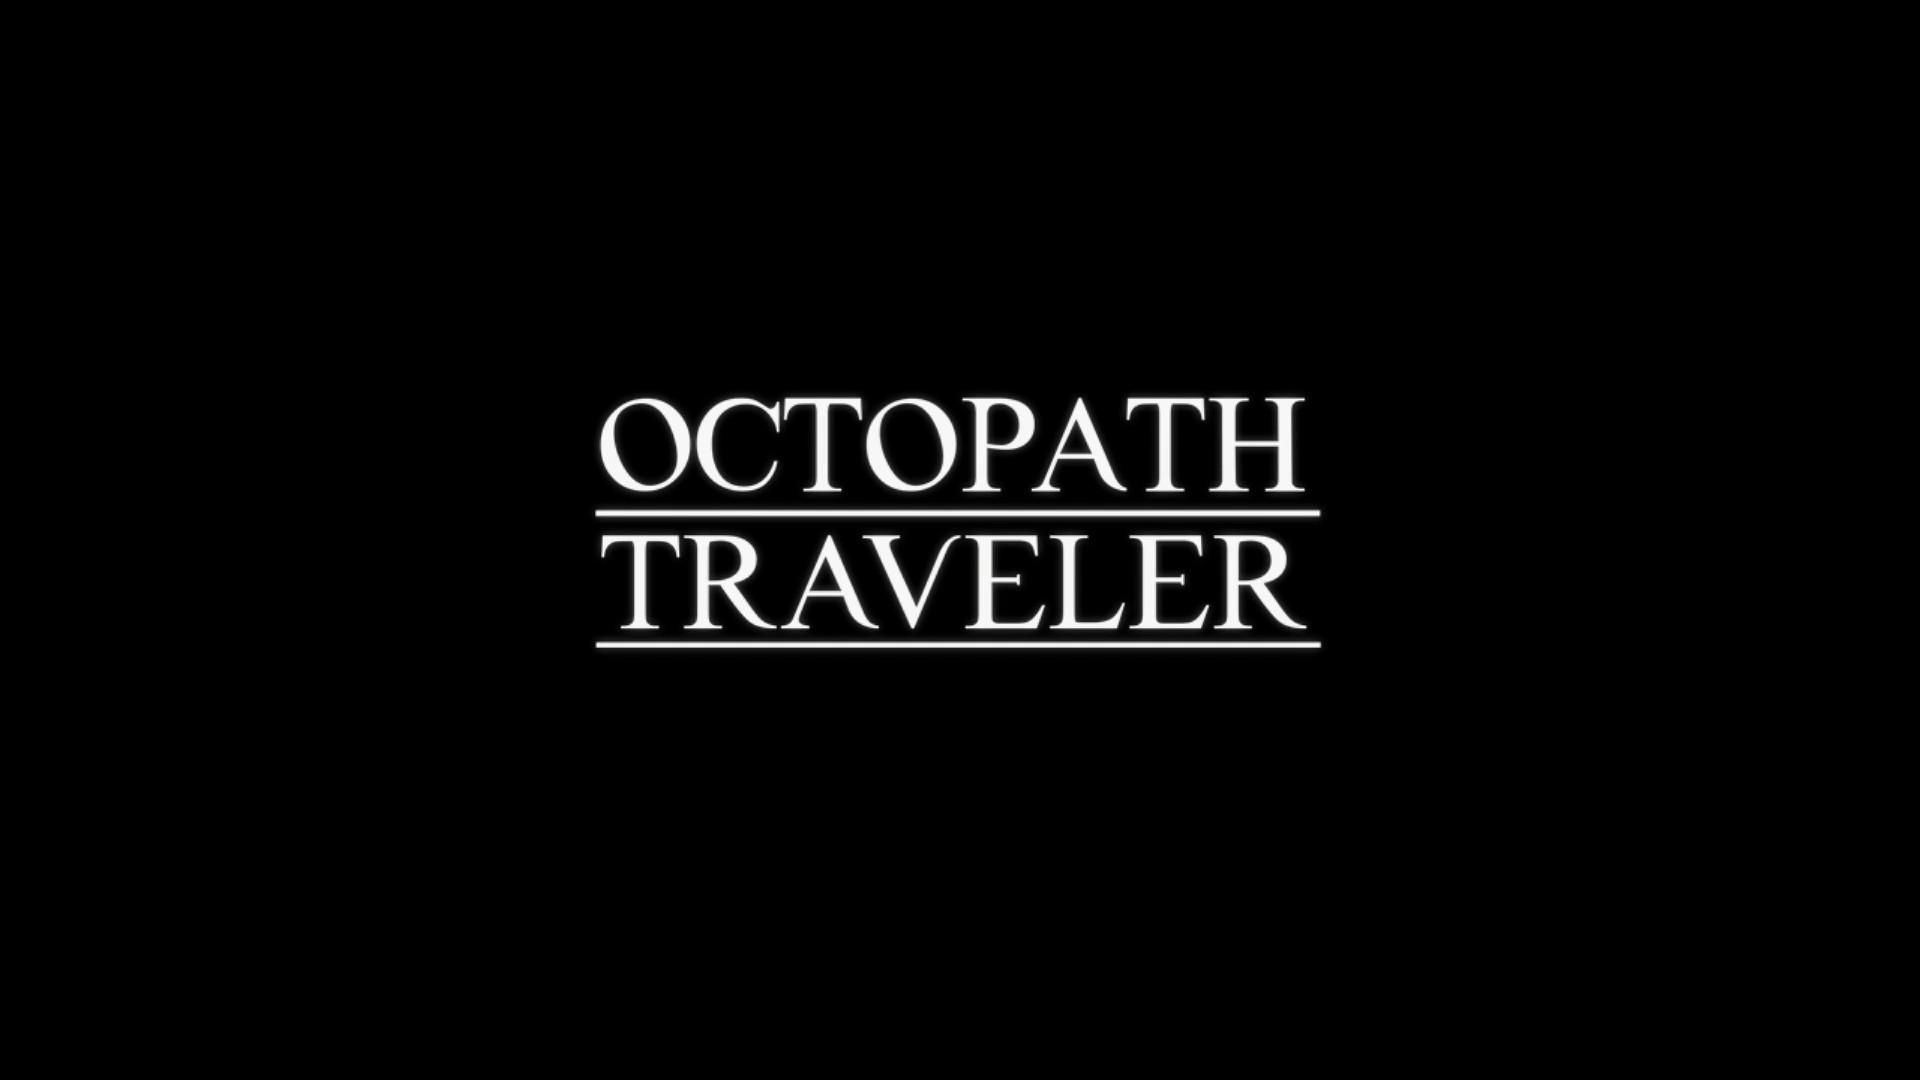 OCTOPATH TRAVELER トレサ編クリア後の感想